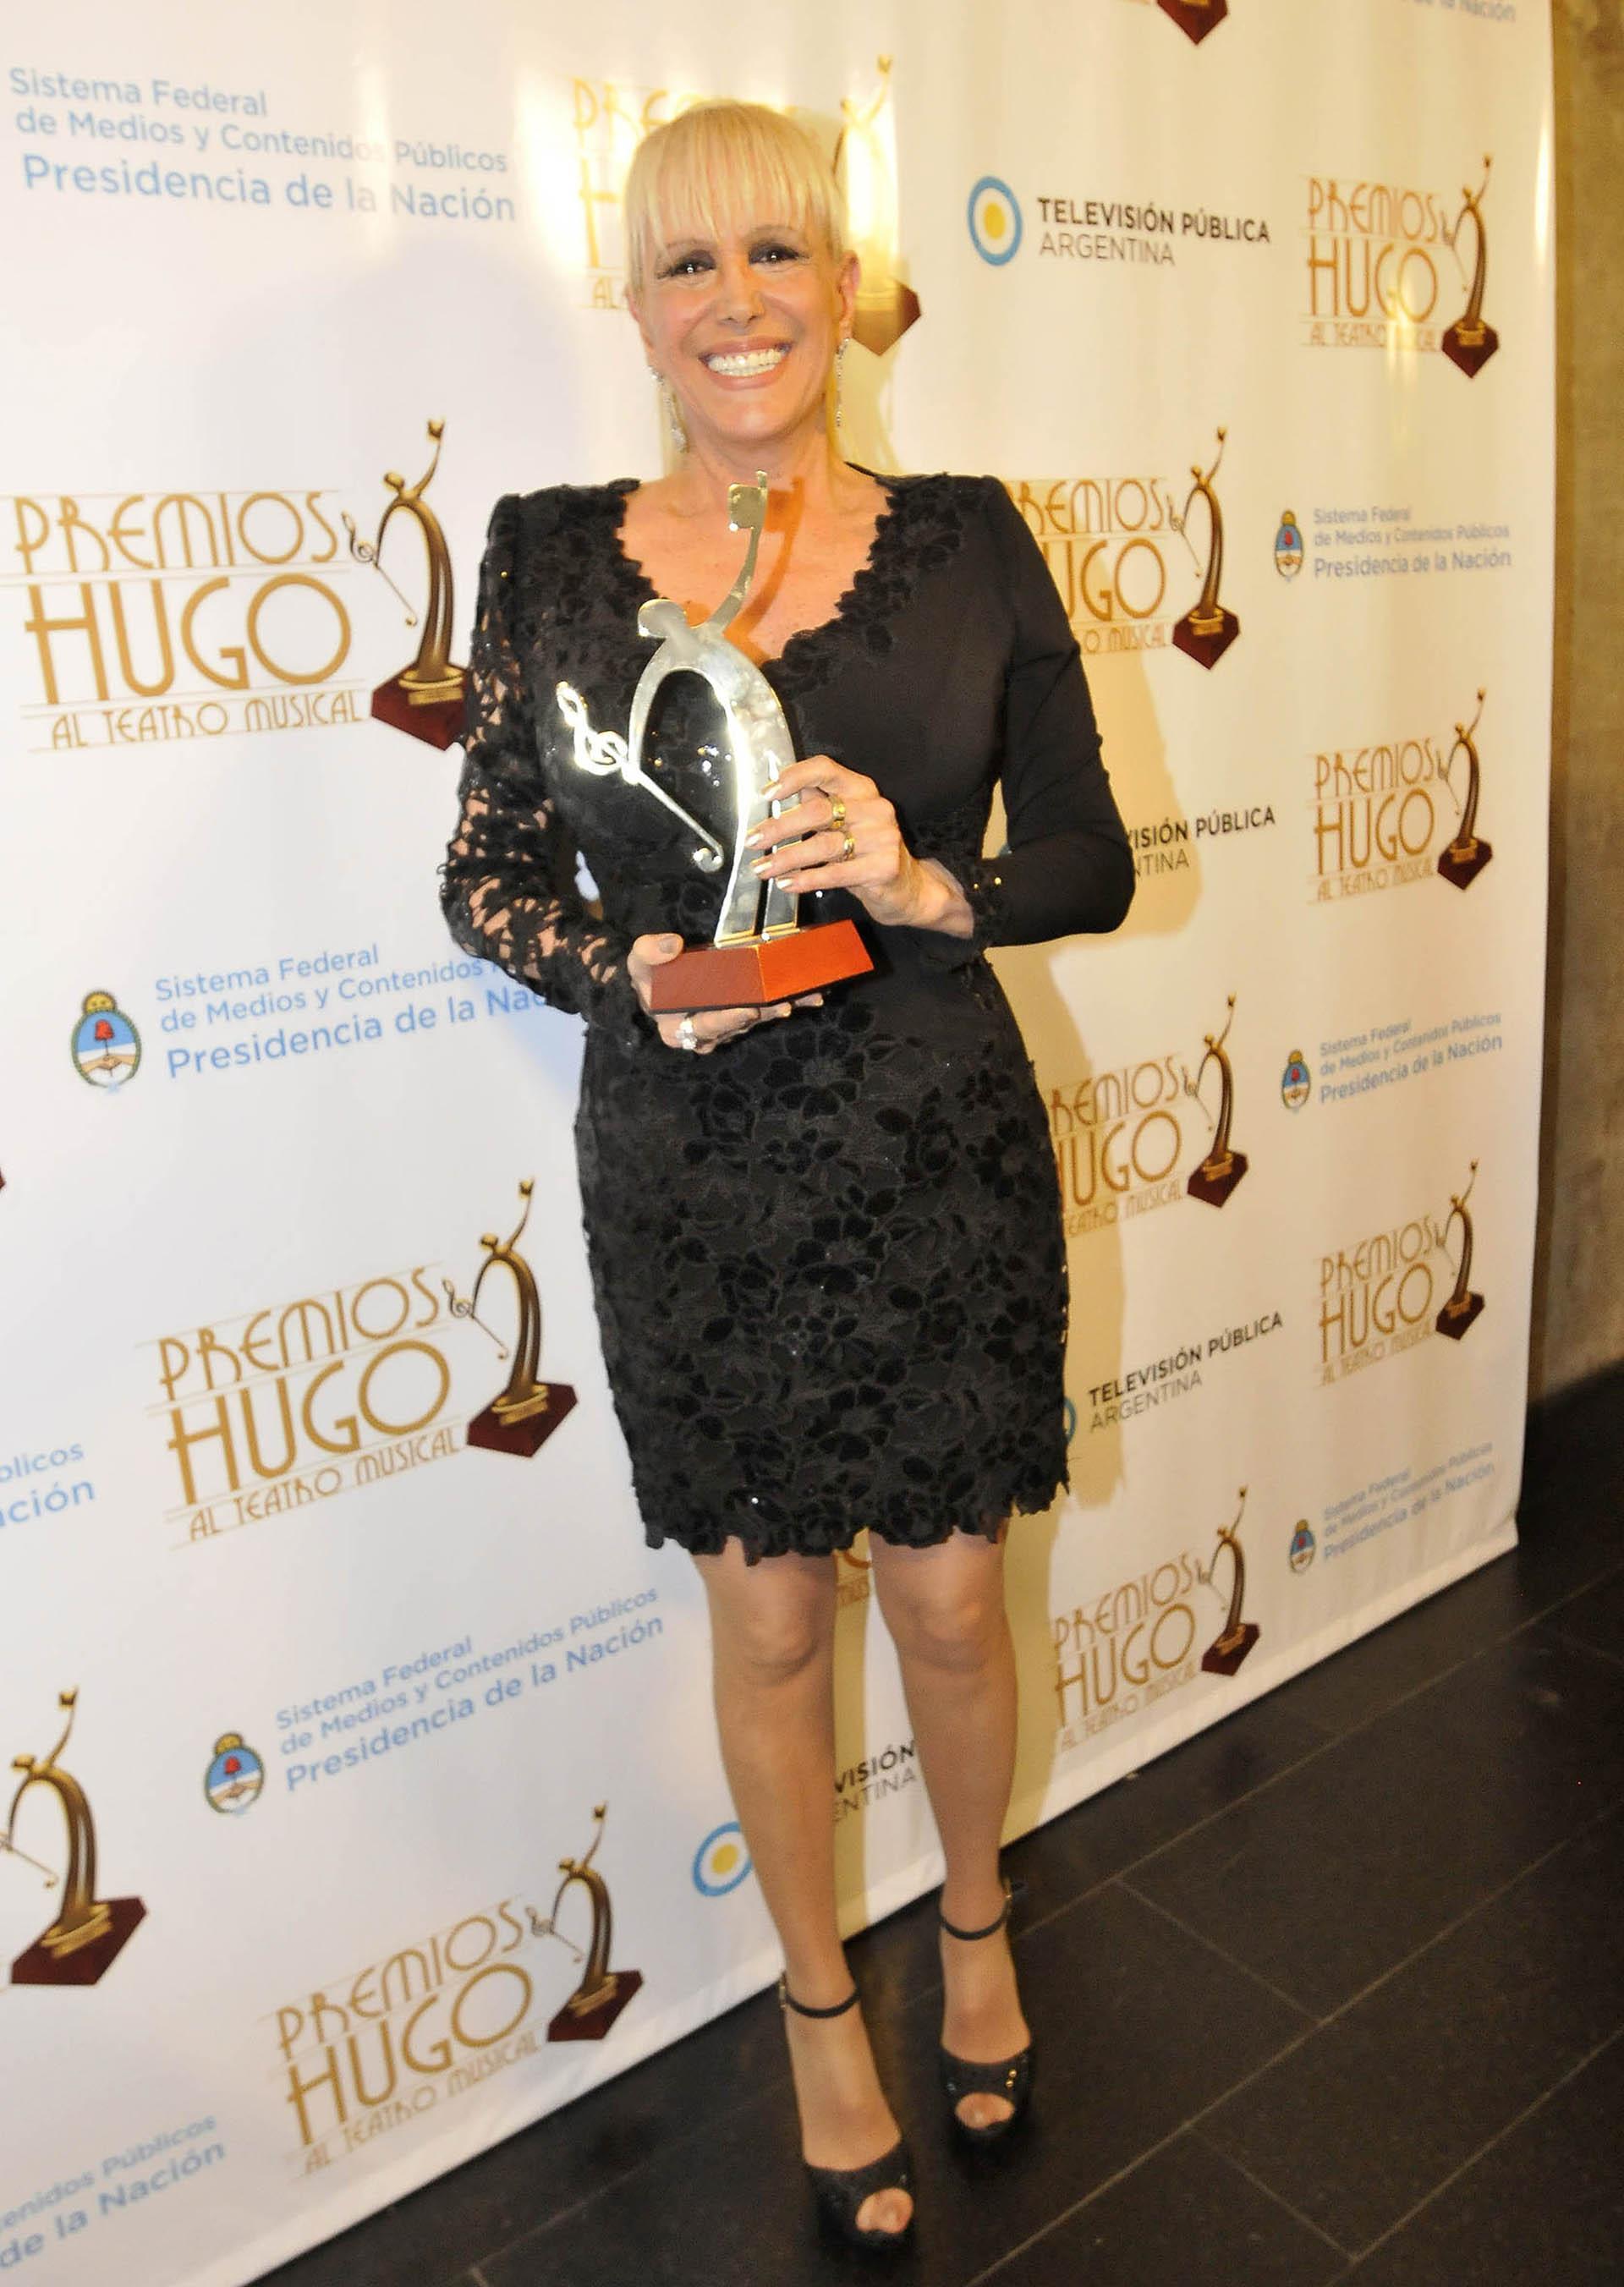 """Valeria Lynch fue distinguida en los Premios Hugo 2018 por su interpretación en """"Sunset Boulevard"""". La obra obtuvo el galardón de Oro y fue el más premiado (Verónica Guerman)"""